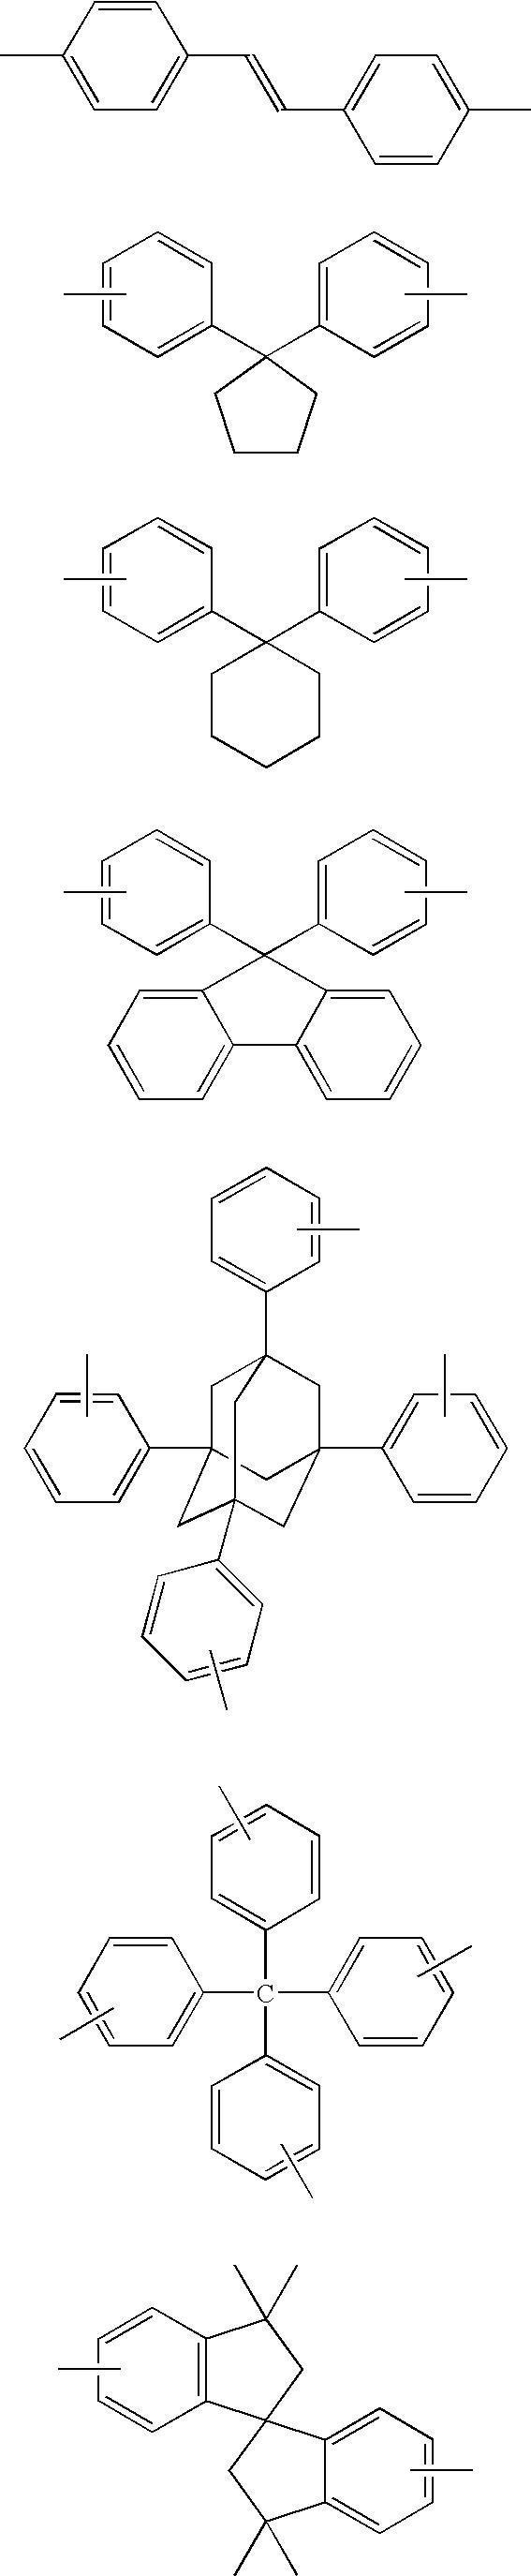 Figure US20090115316A1-20090507-C00031